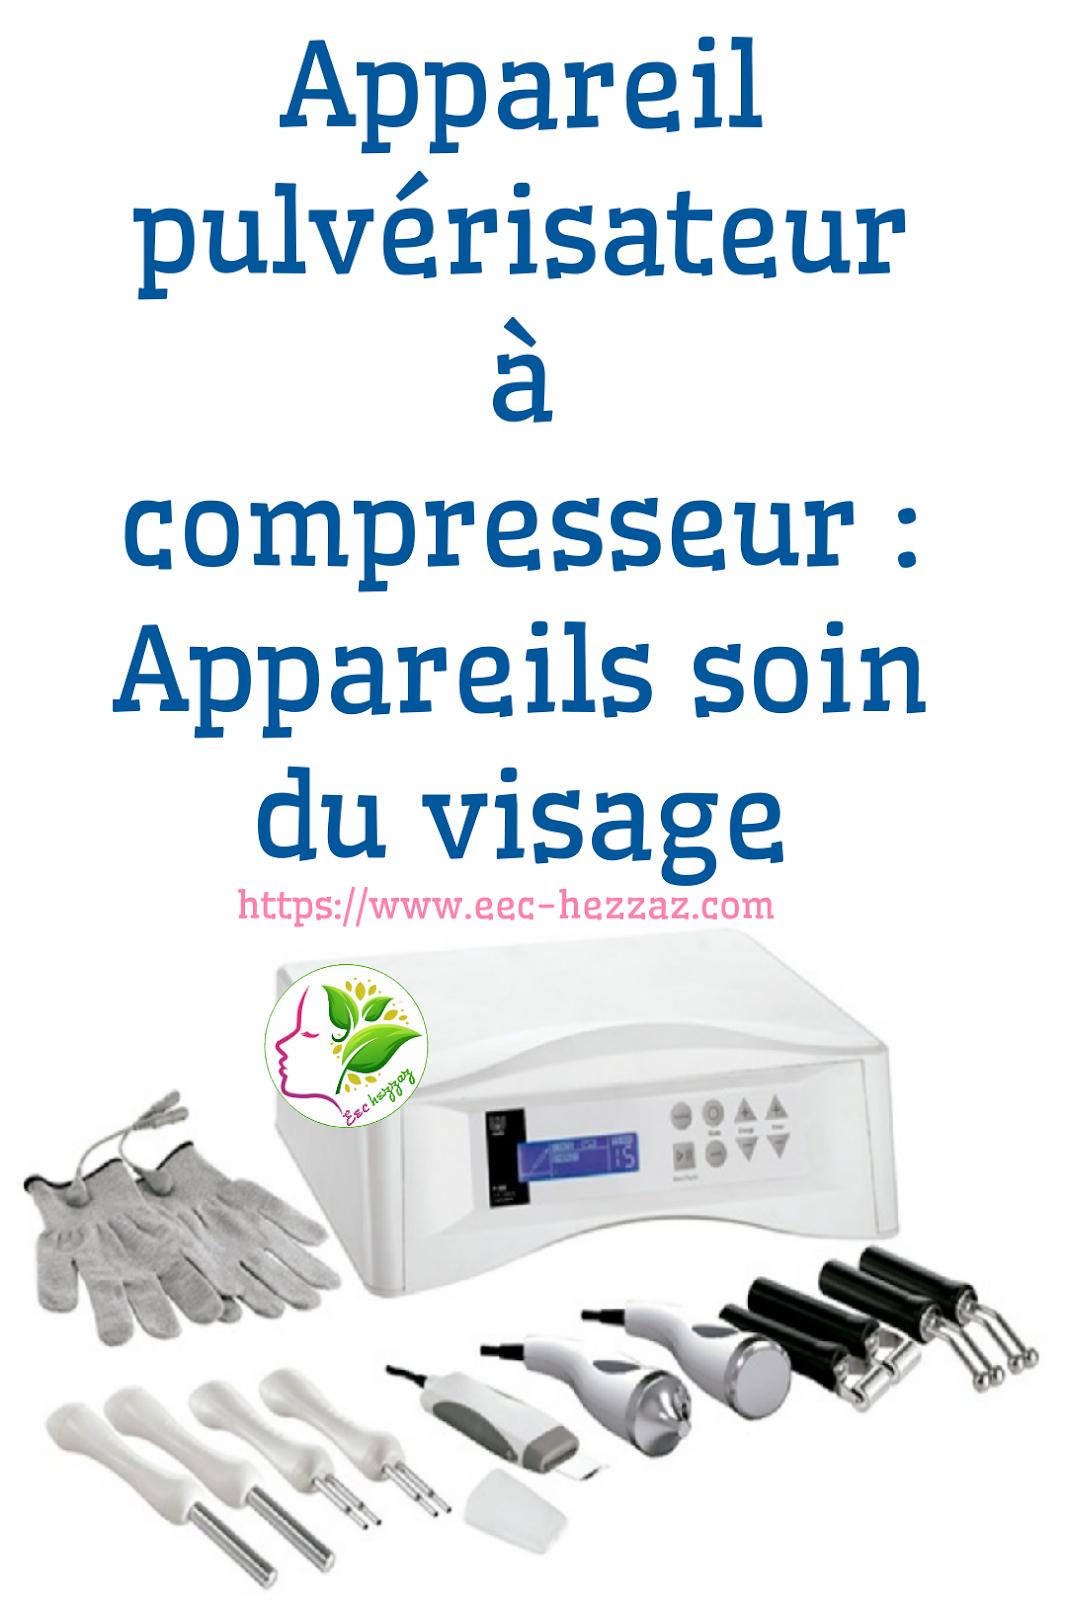 Appareil pulvérisateur à compresseur : Appareils soin du visage